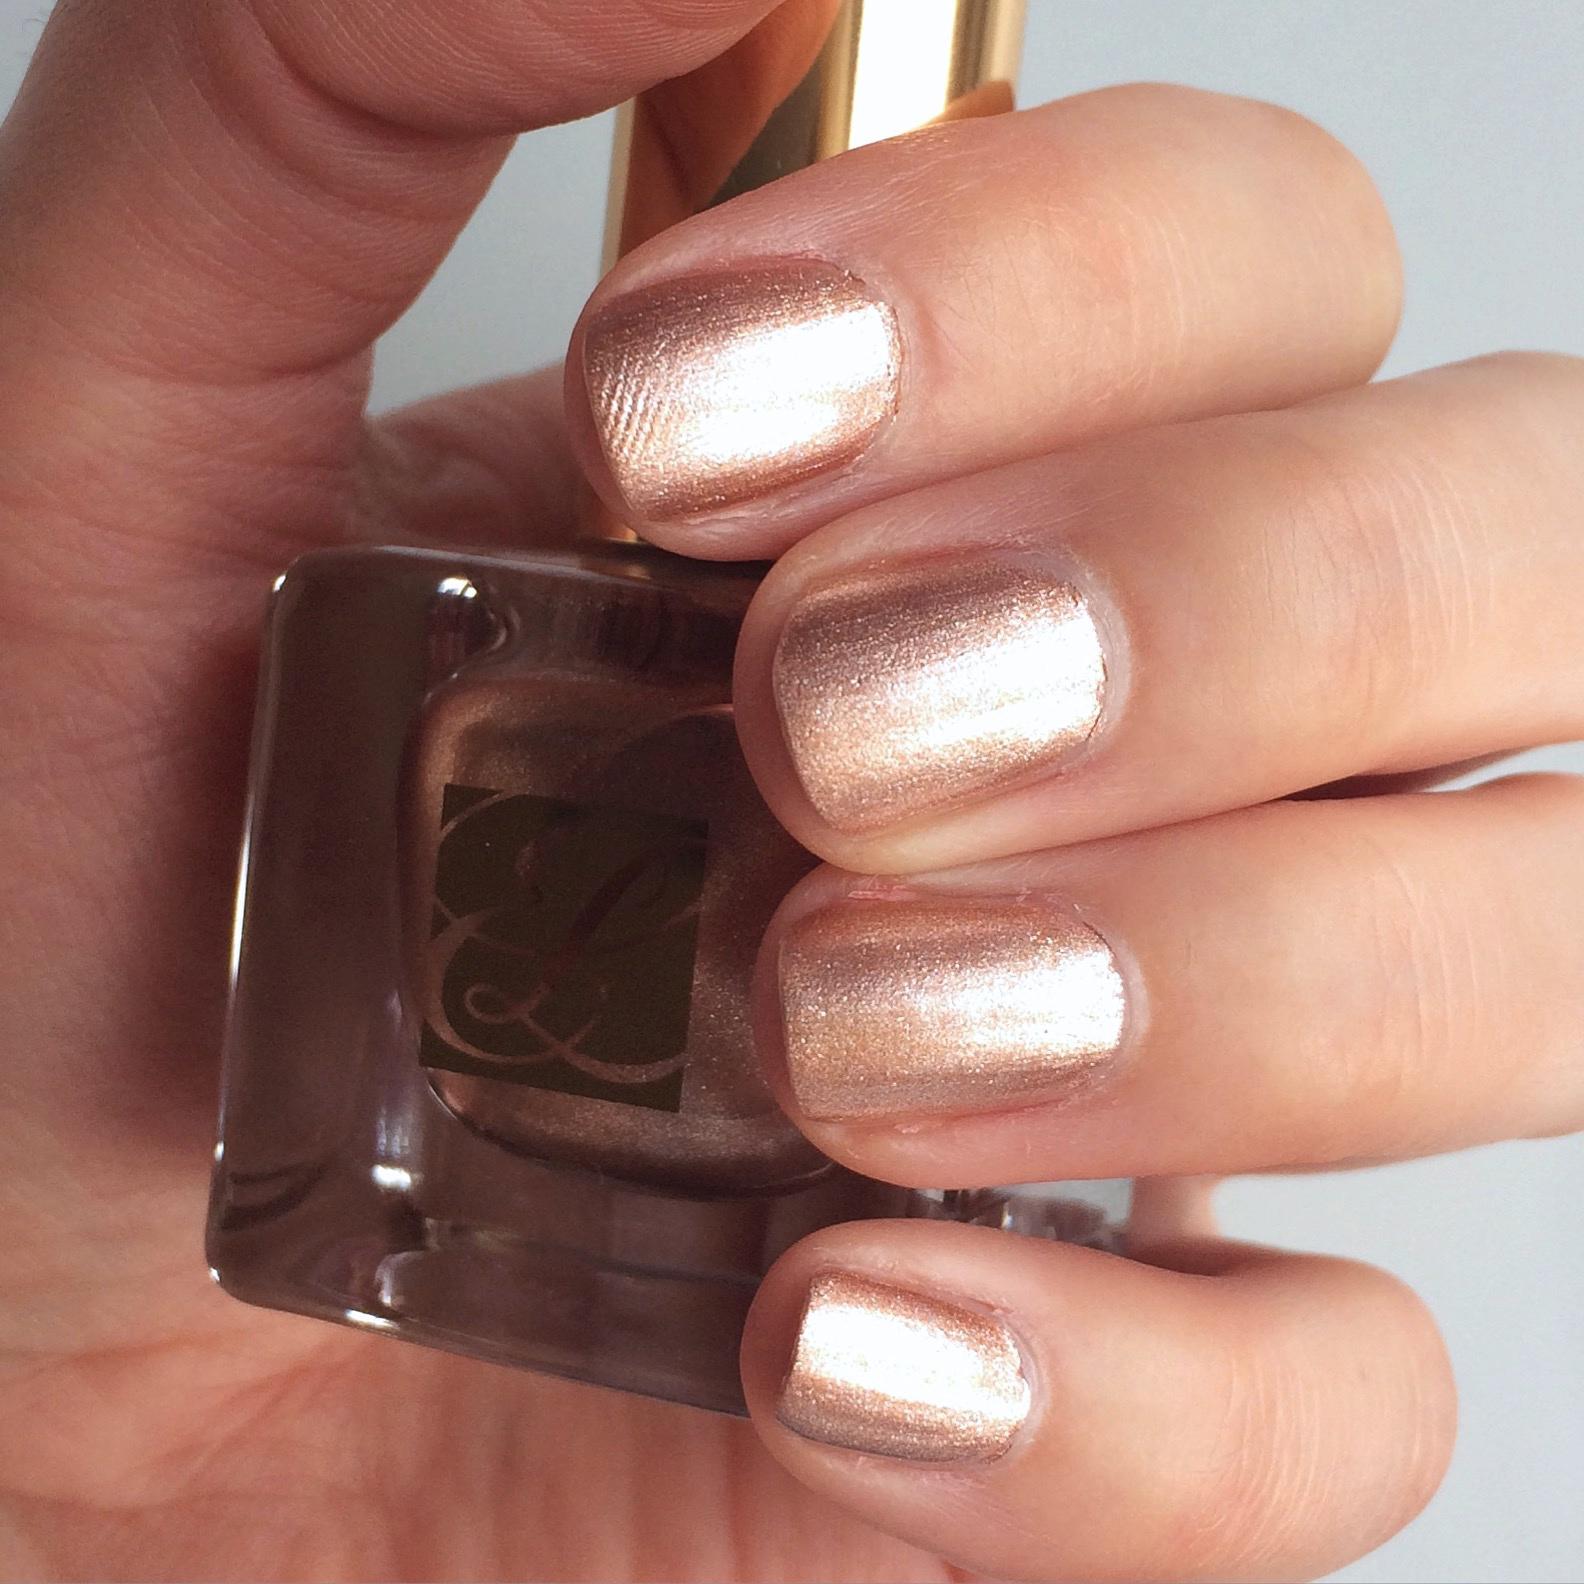 Swiss BeautyTalk: Bronze Goddess - Because a little shimmer never ...